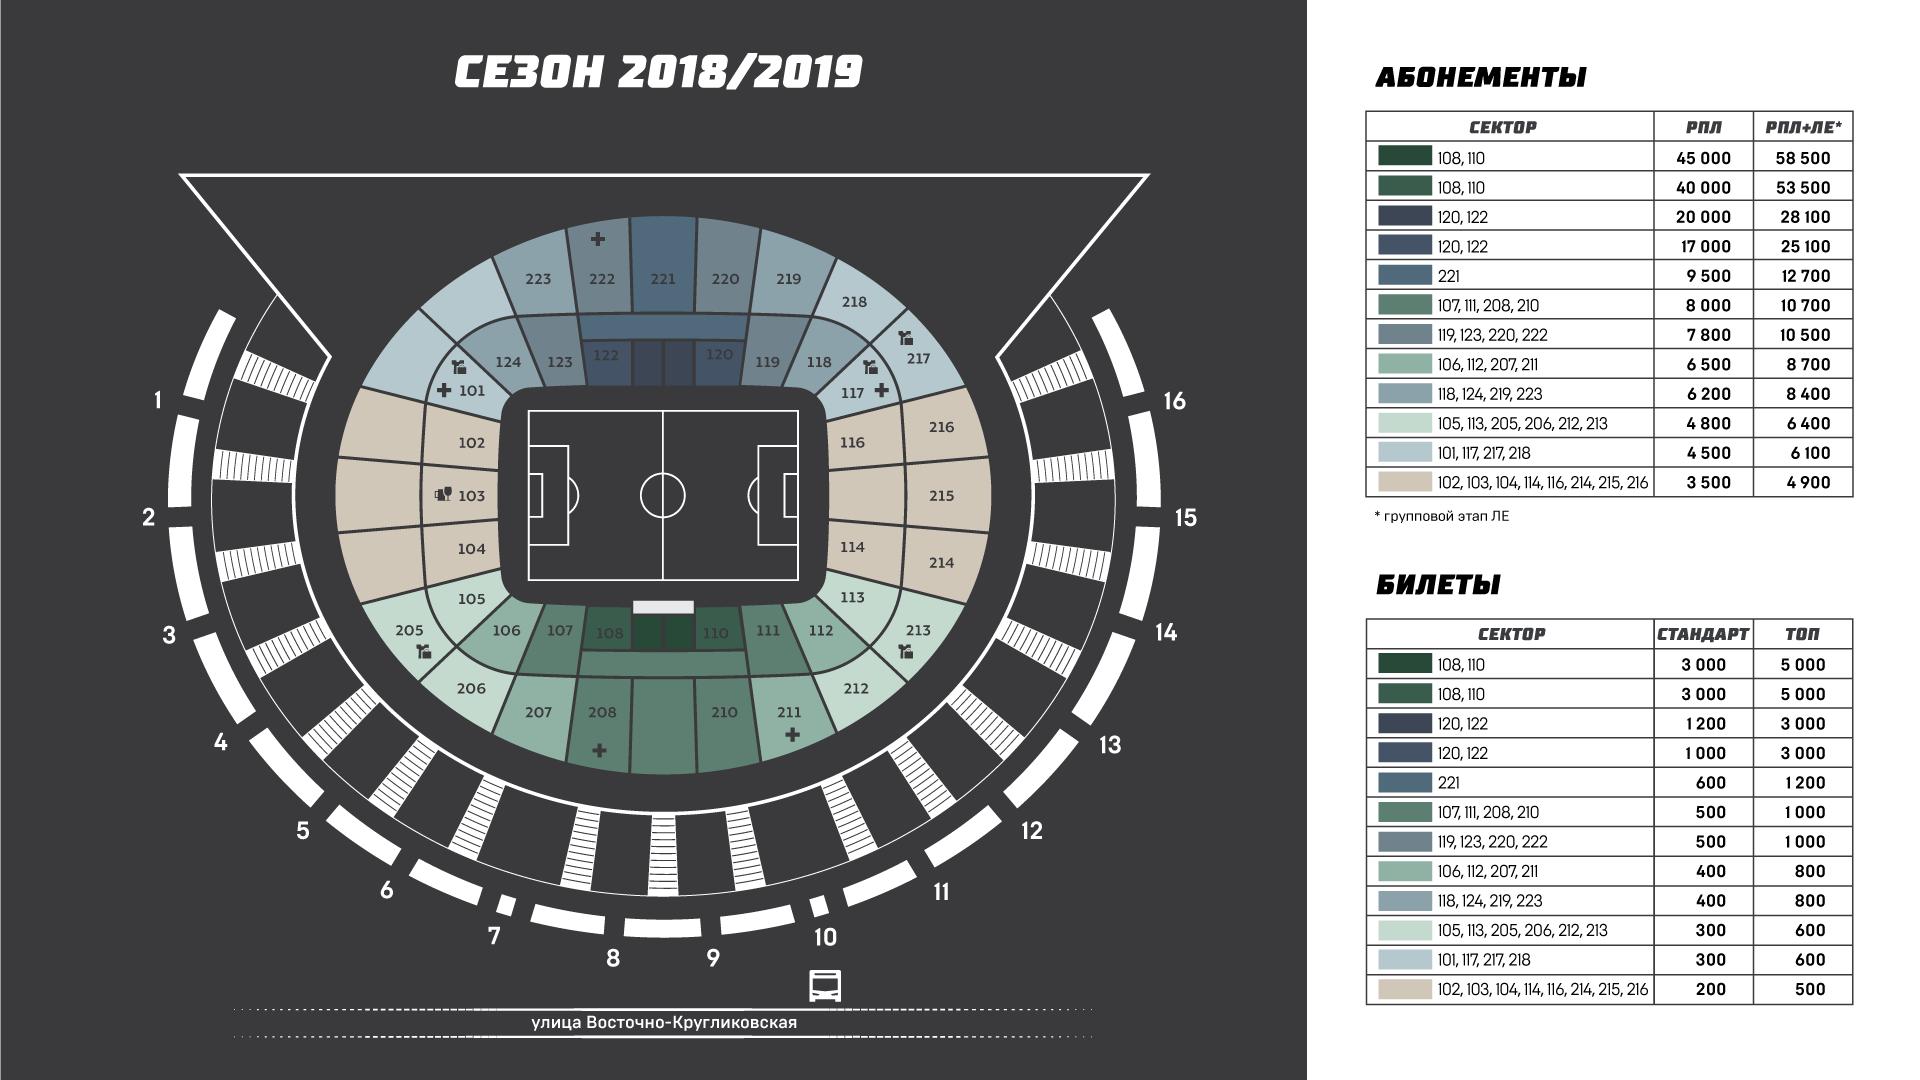 Схема стадиона ФК Краснодар с ценами